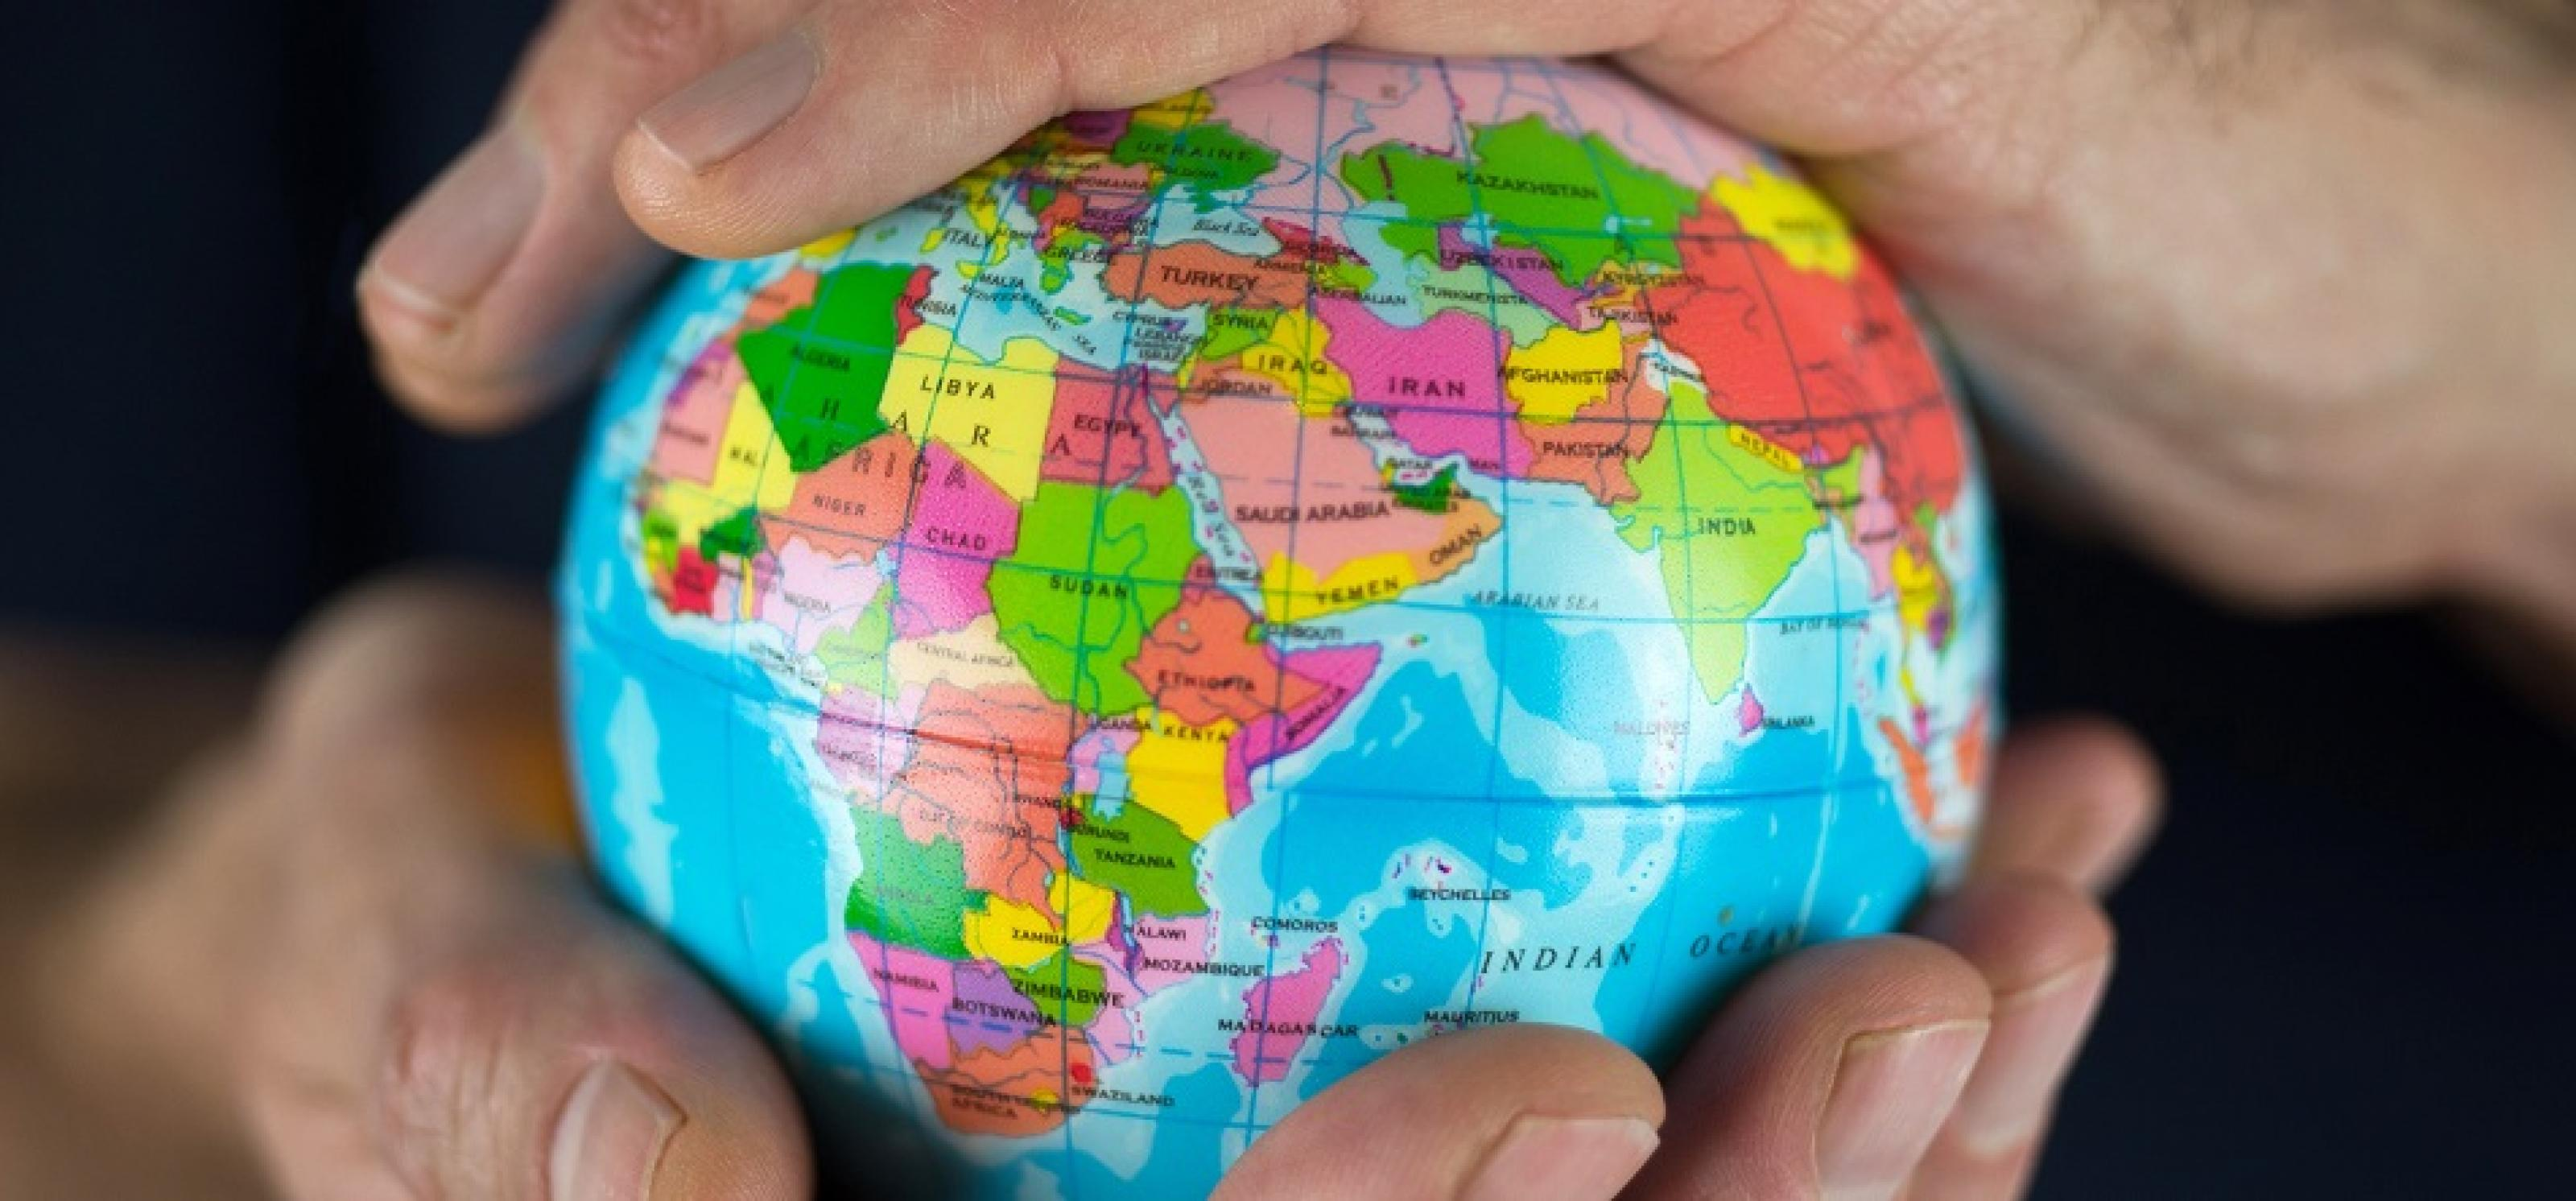 Eine kleine Weltkugel wird in zwei Händen gehalten